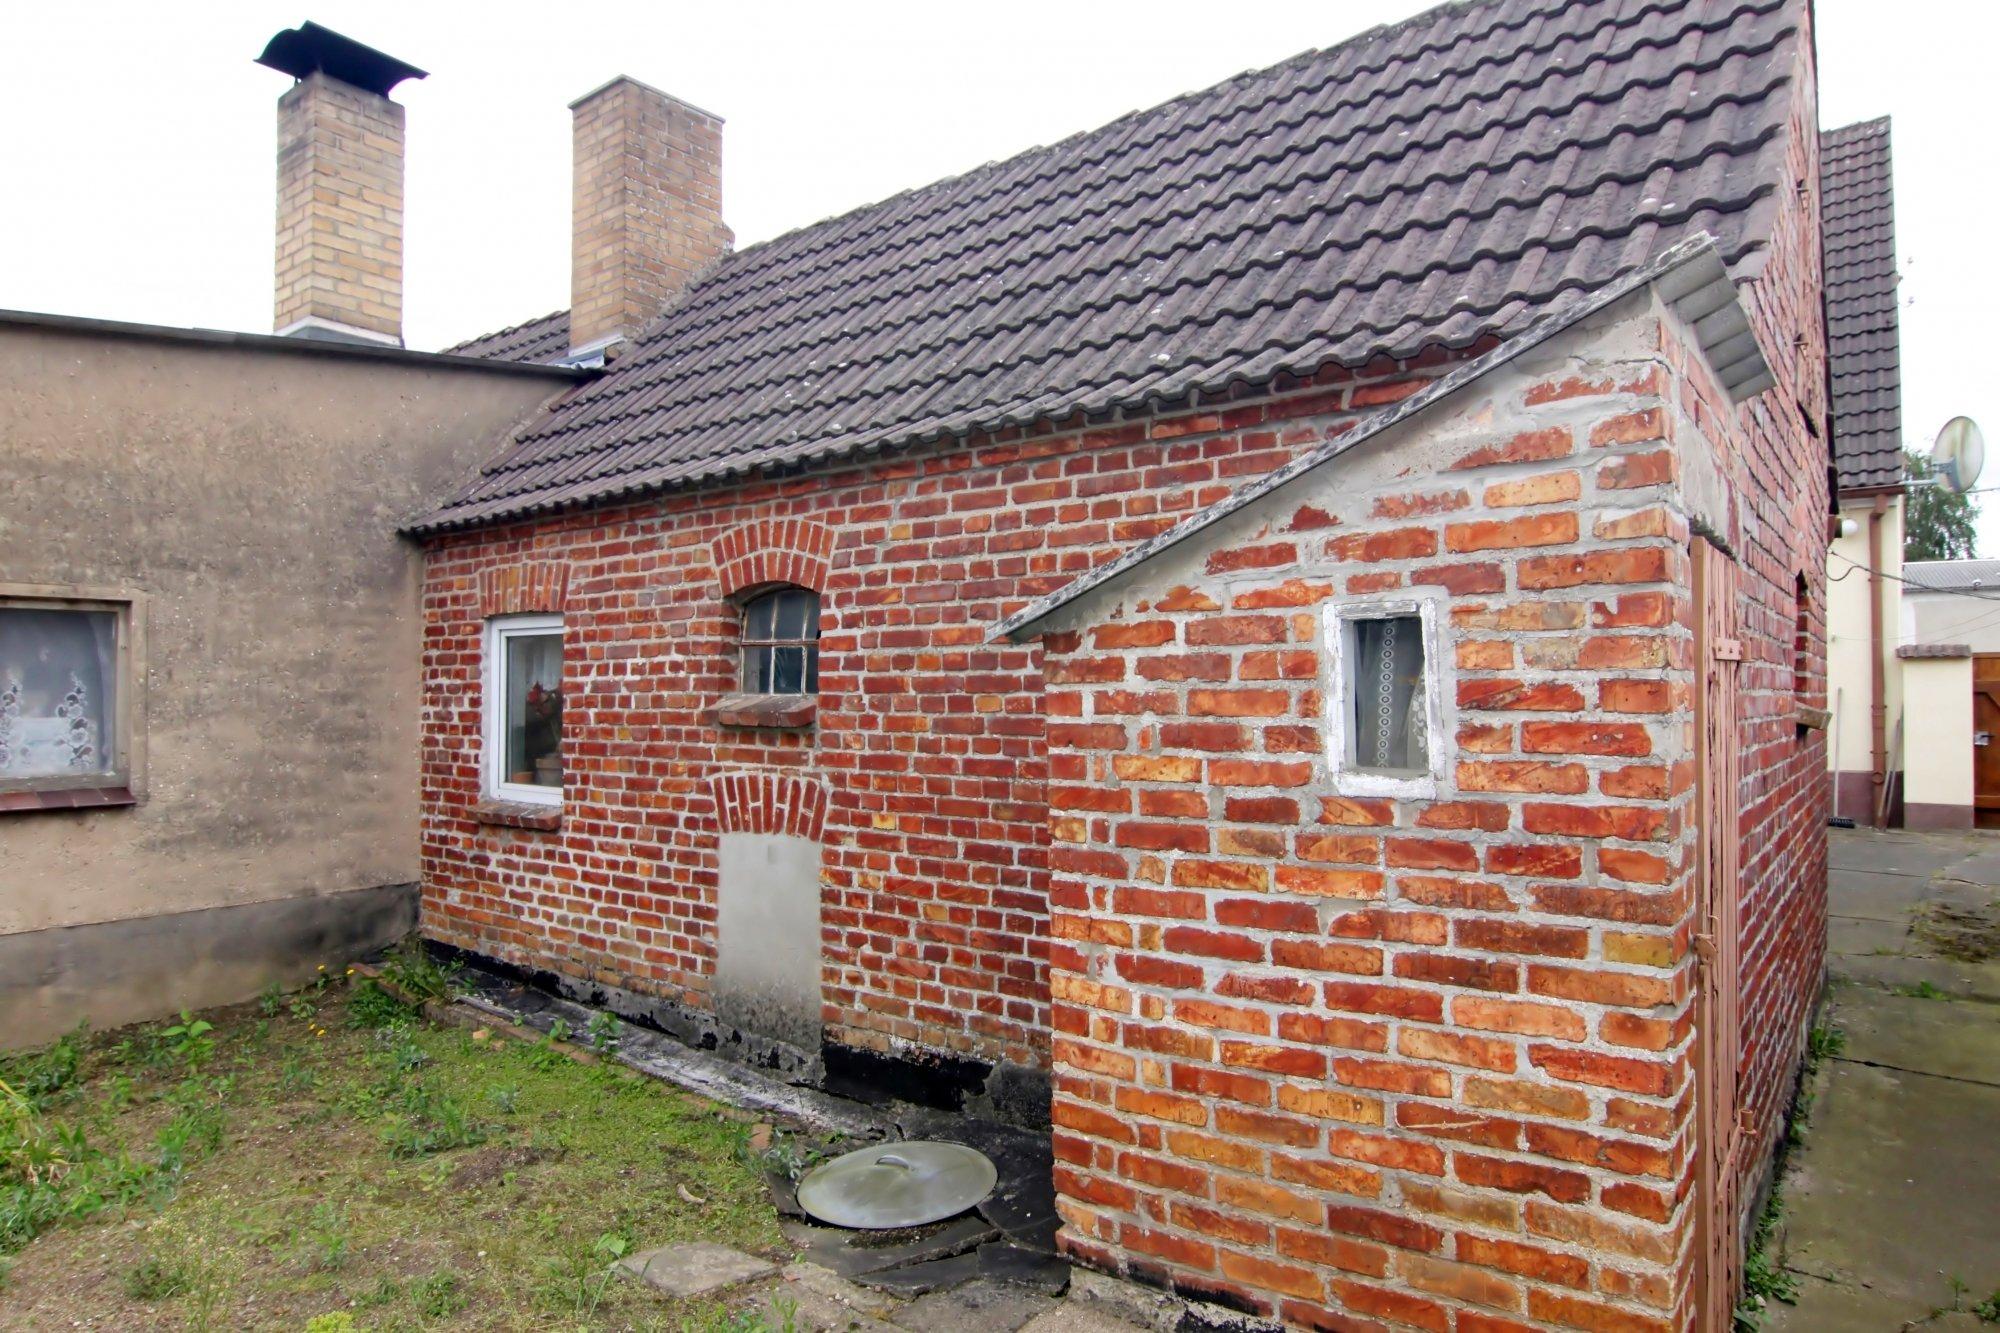 Nebengebäude - Rückansicht